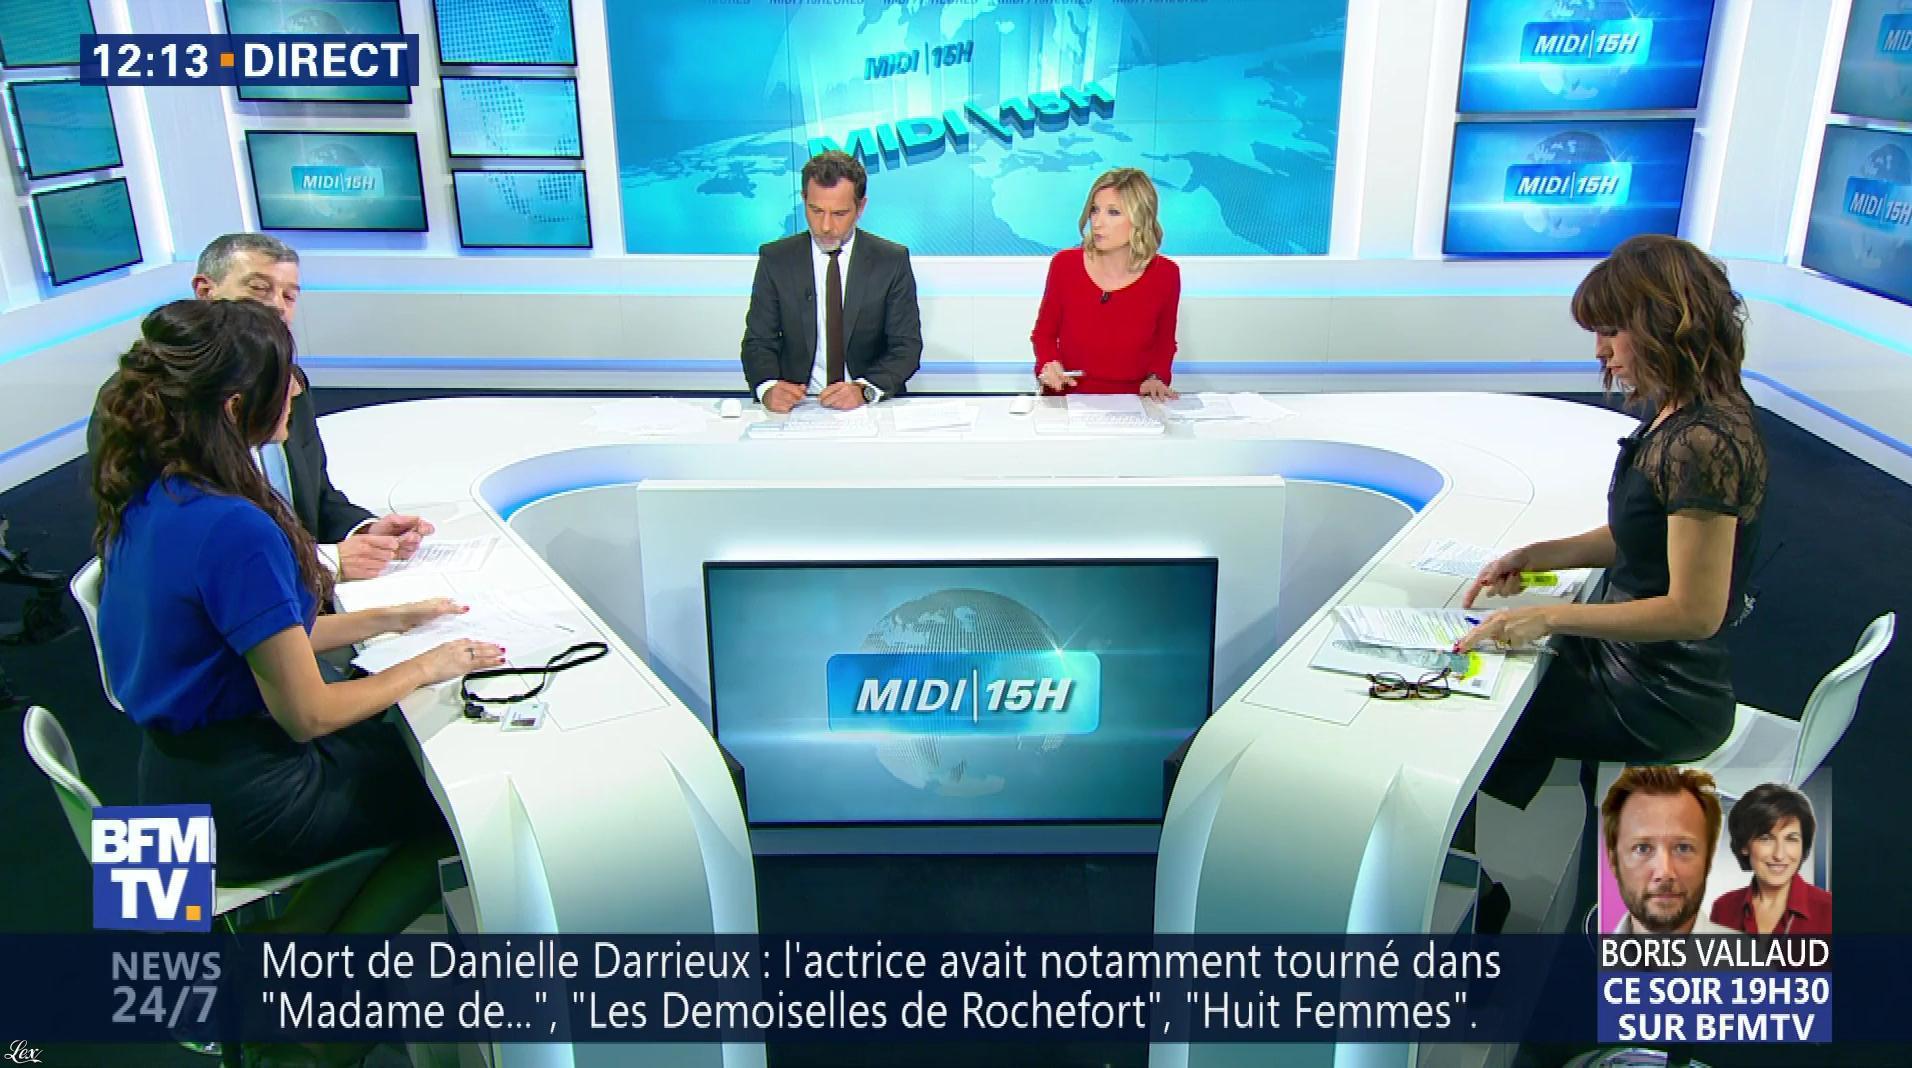 Candice Mahout dans le Midi-15h. Diffusé à la télévision le 19/10/17.